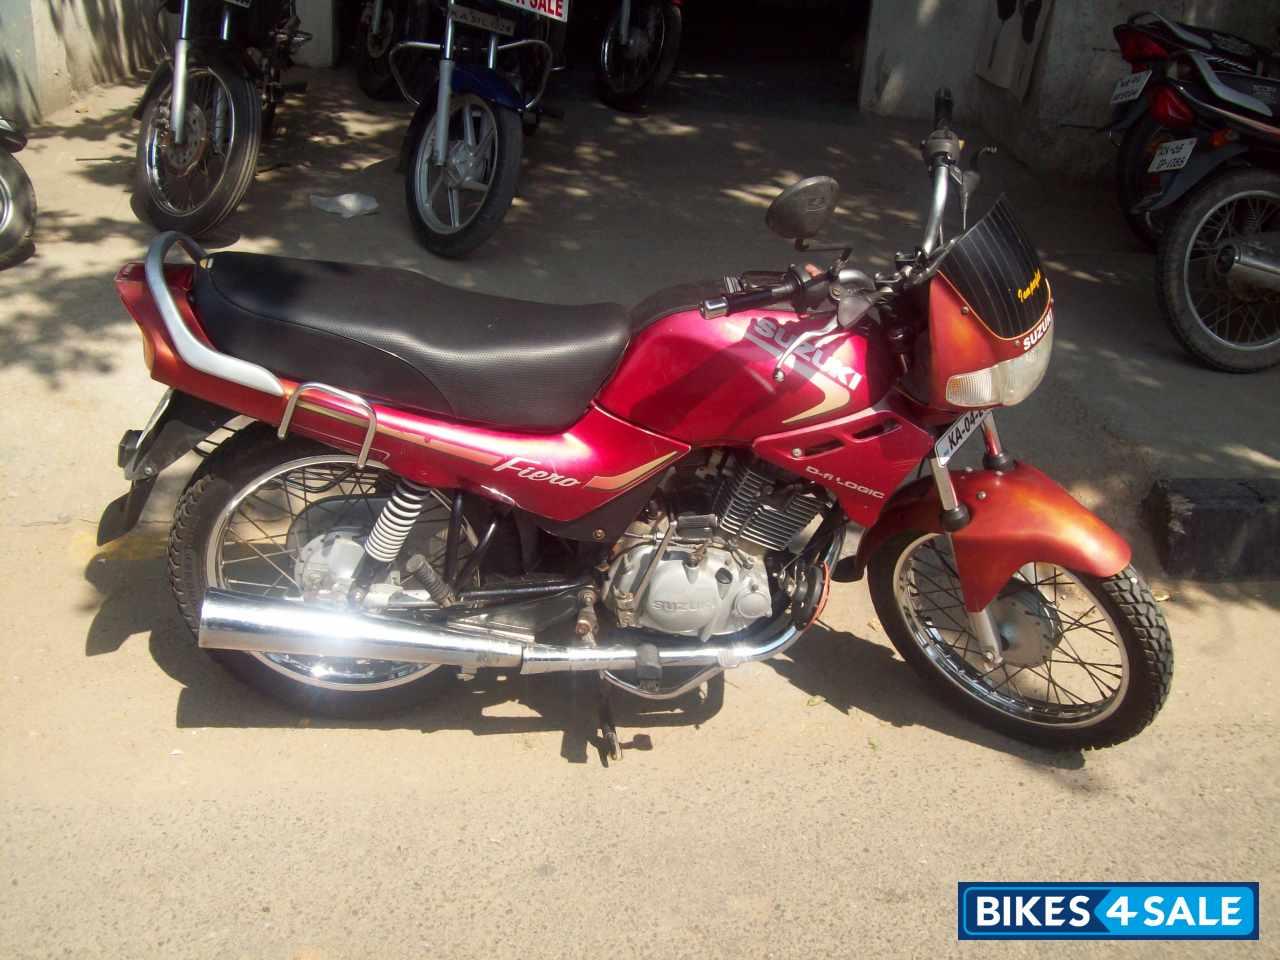 suzuki fiero bike wiring diagram honda xrm rs 125 electrical red picture 1 id 92825 located in